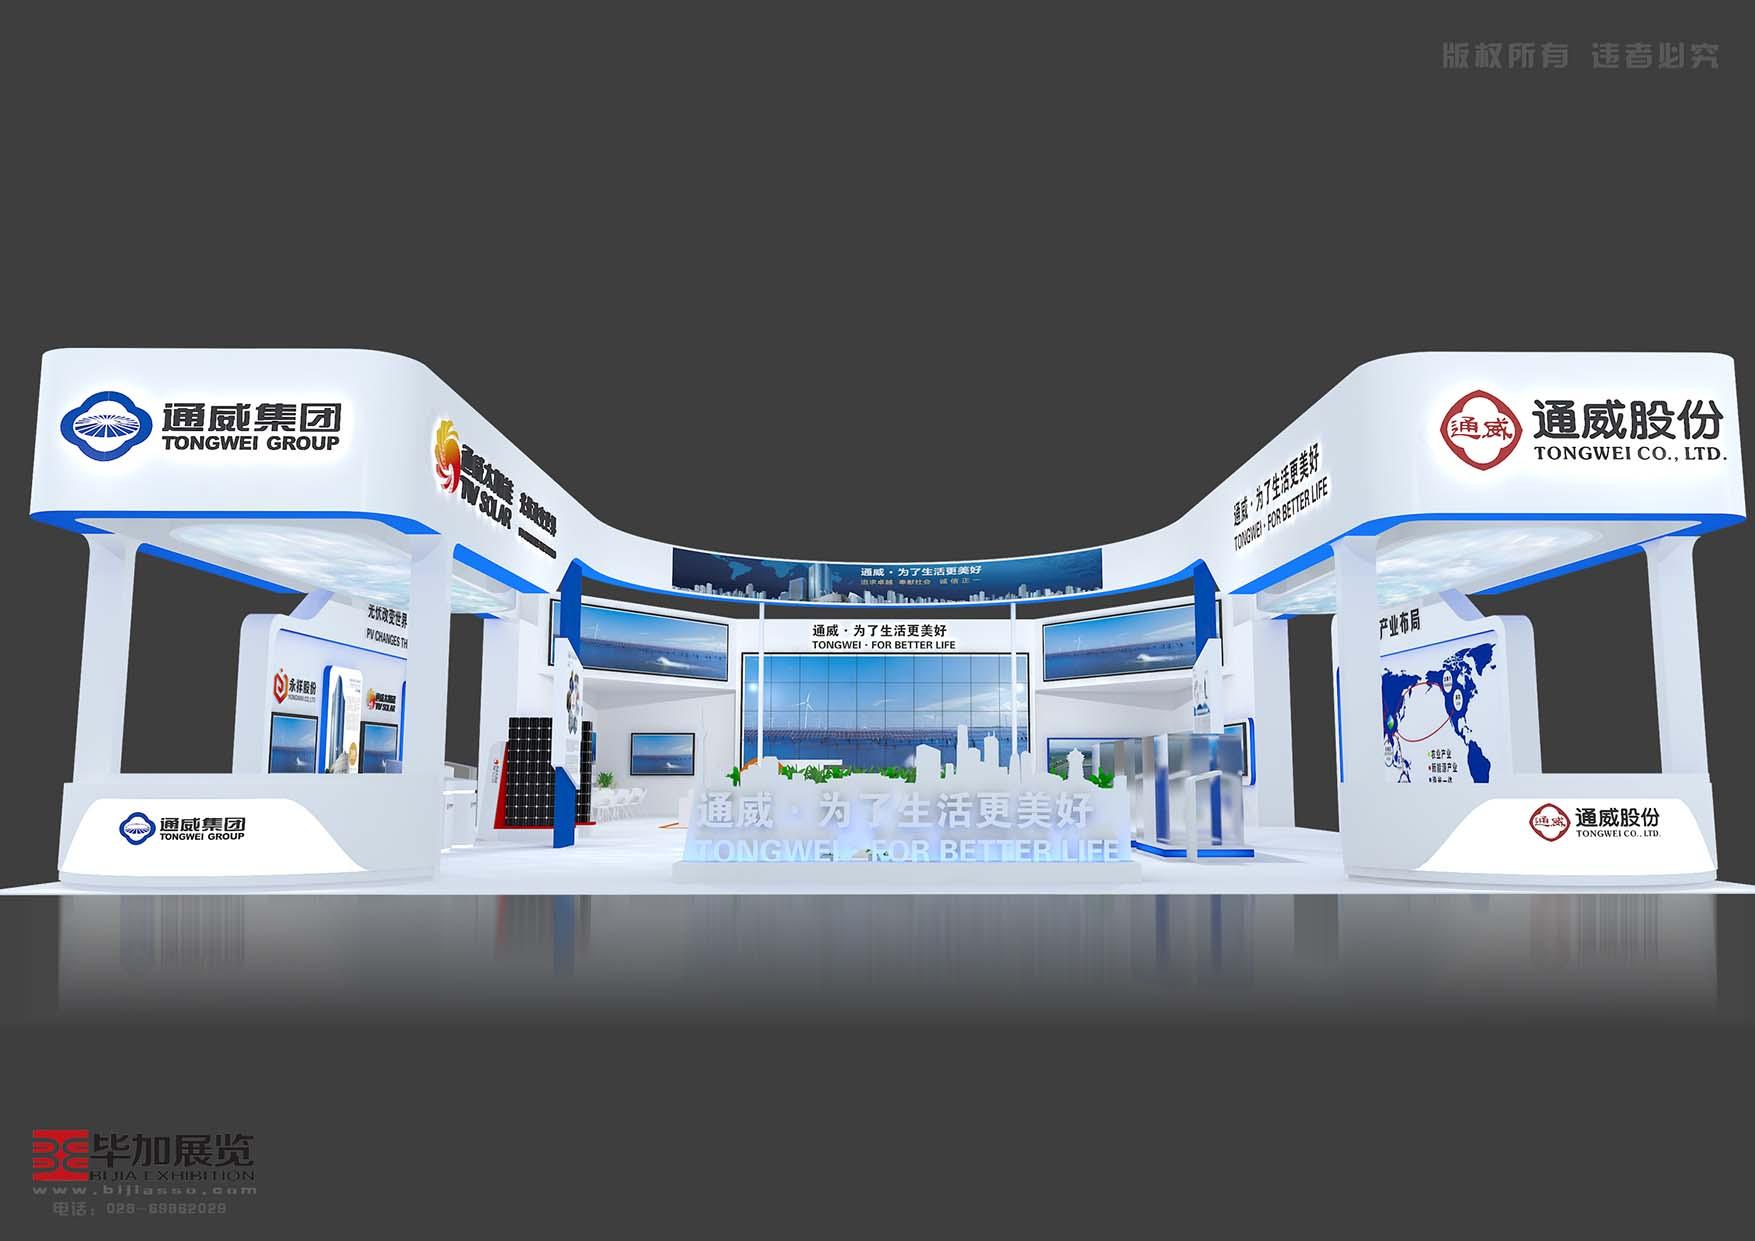 西博会展展览设计-通威国际